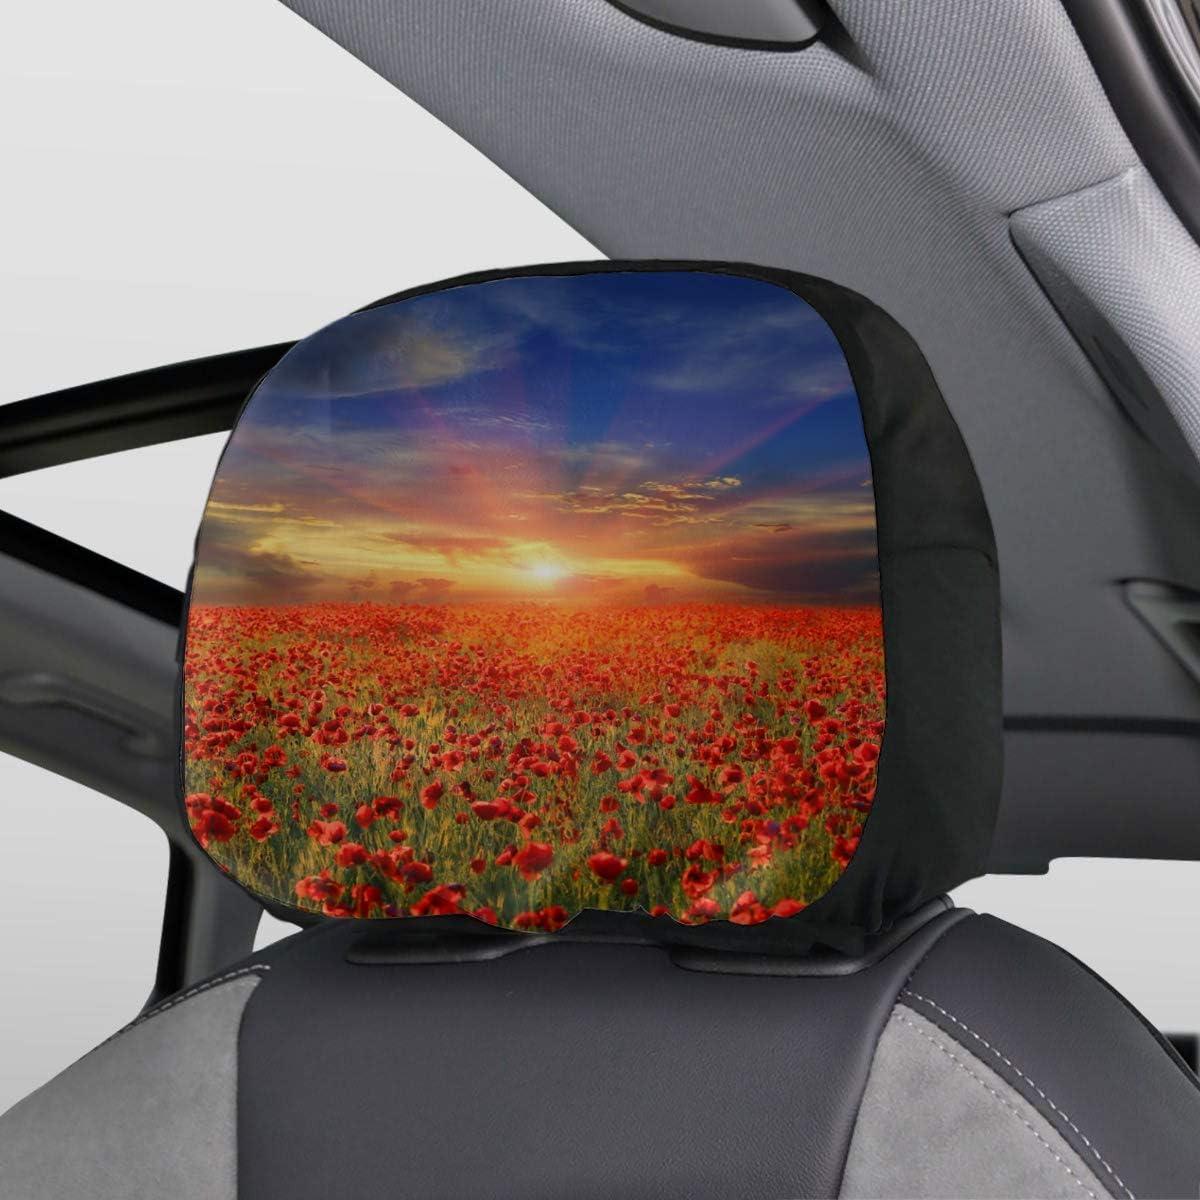 SUV TOADDMOS 1 par de fundas para reposacabezas de coche furgoneta cami/ón con estampado de girasoles You are My Sunshine universal para asiento de coche